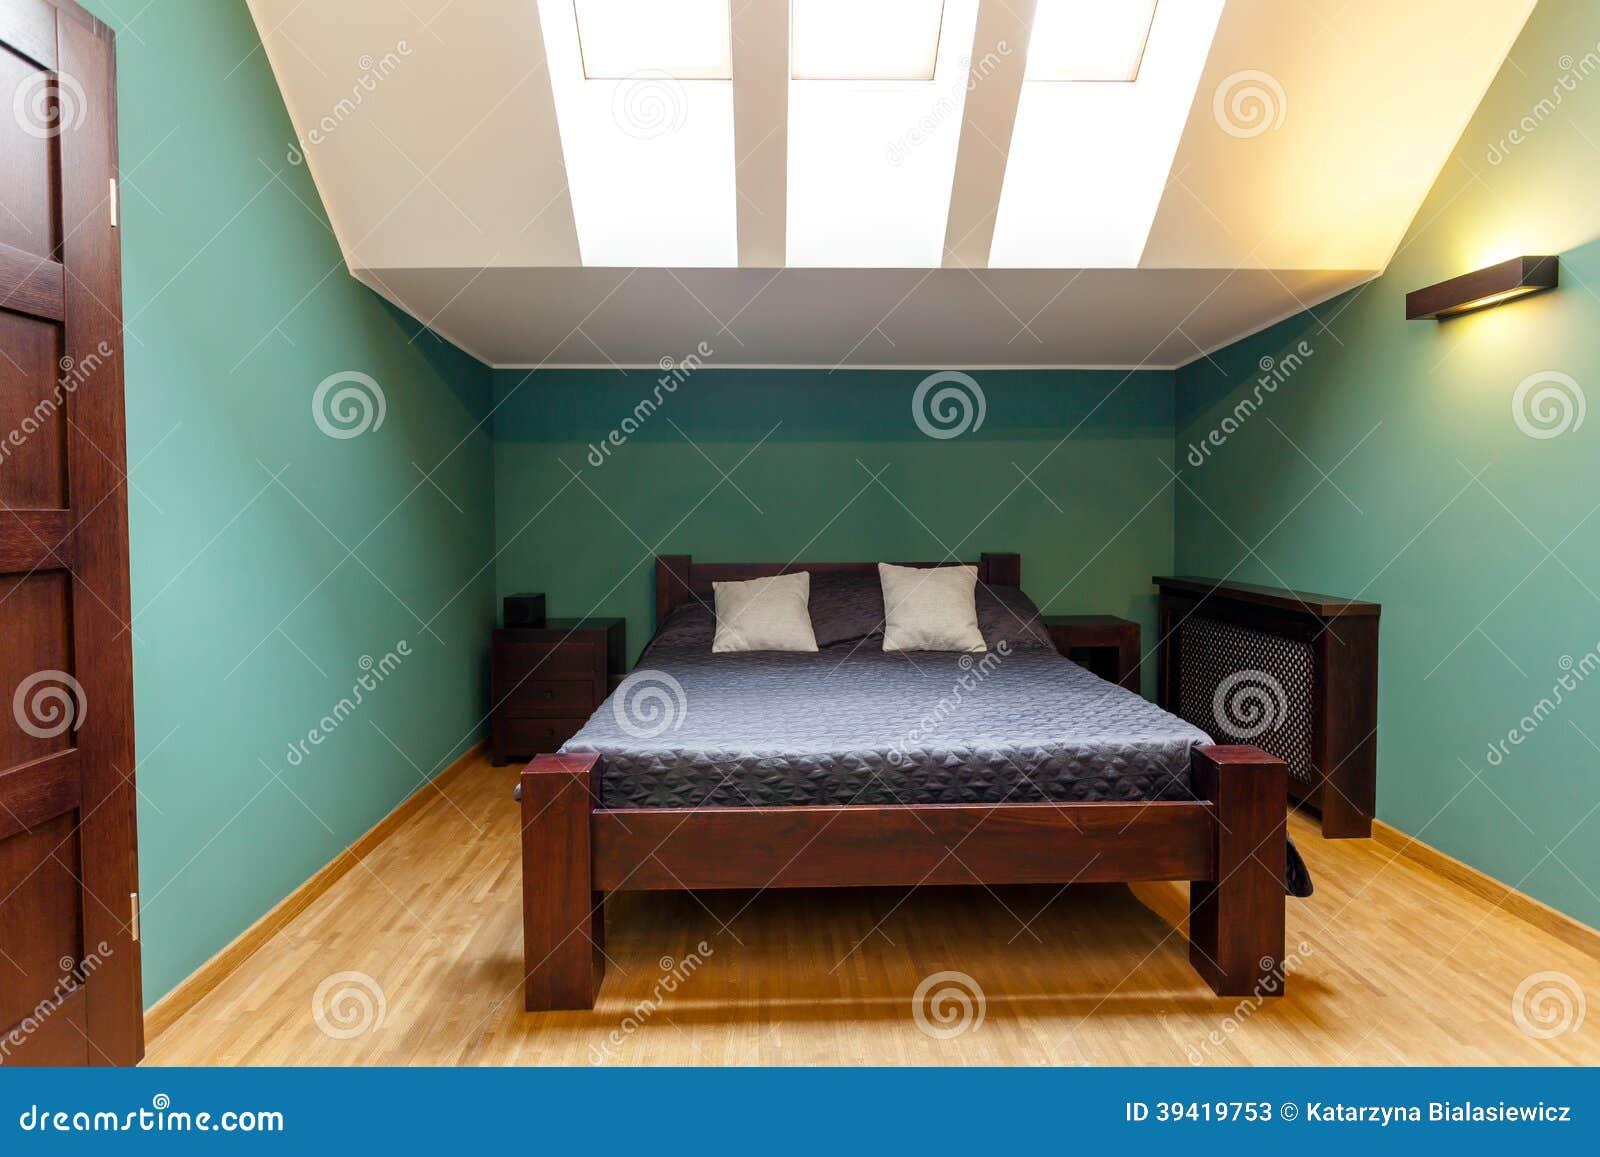 Dormitorio moderno en colores de la turquesa foto de - Color turquesa en paredes ...